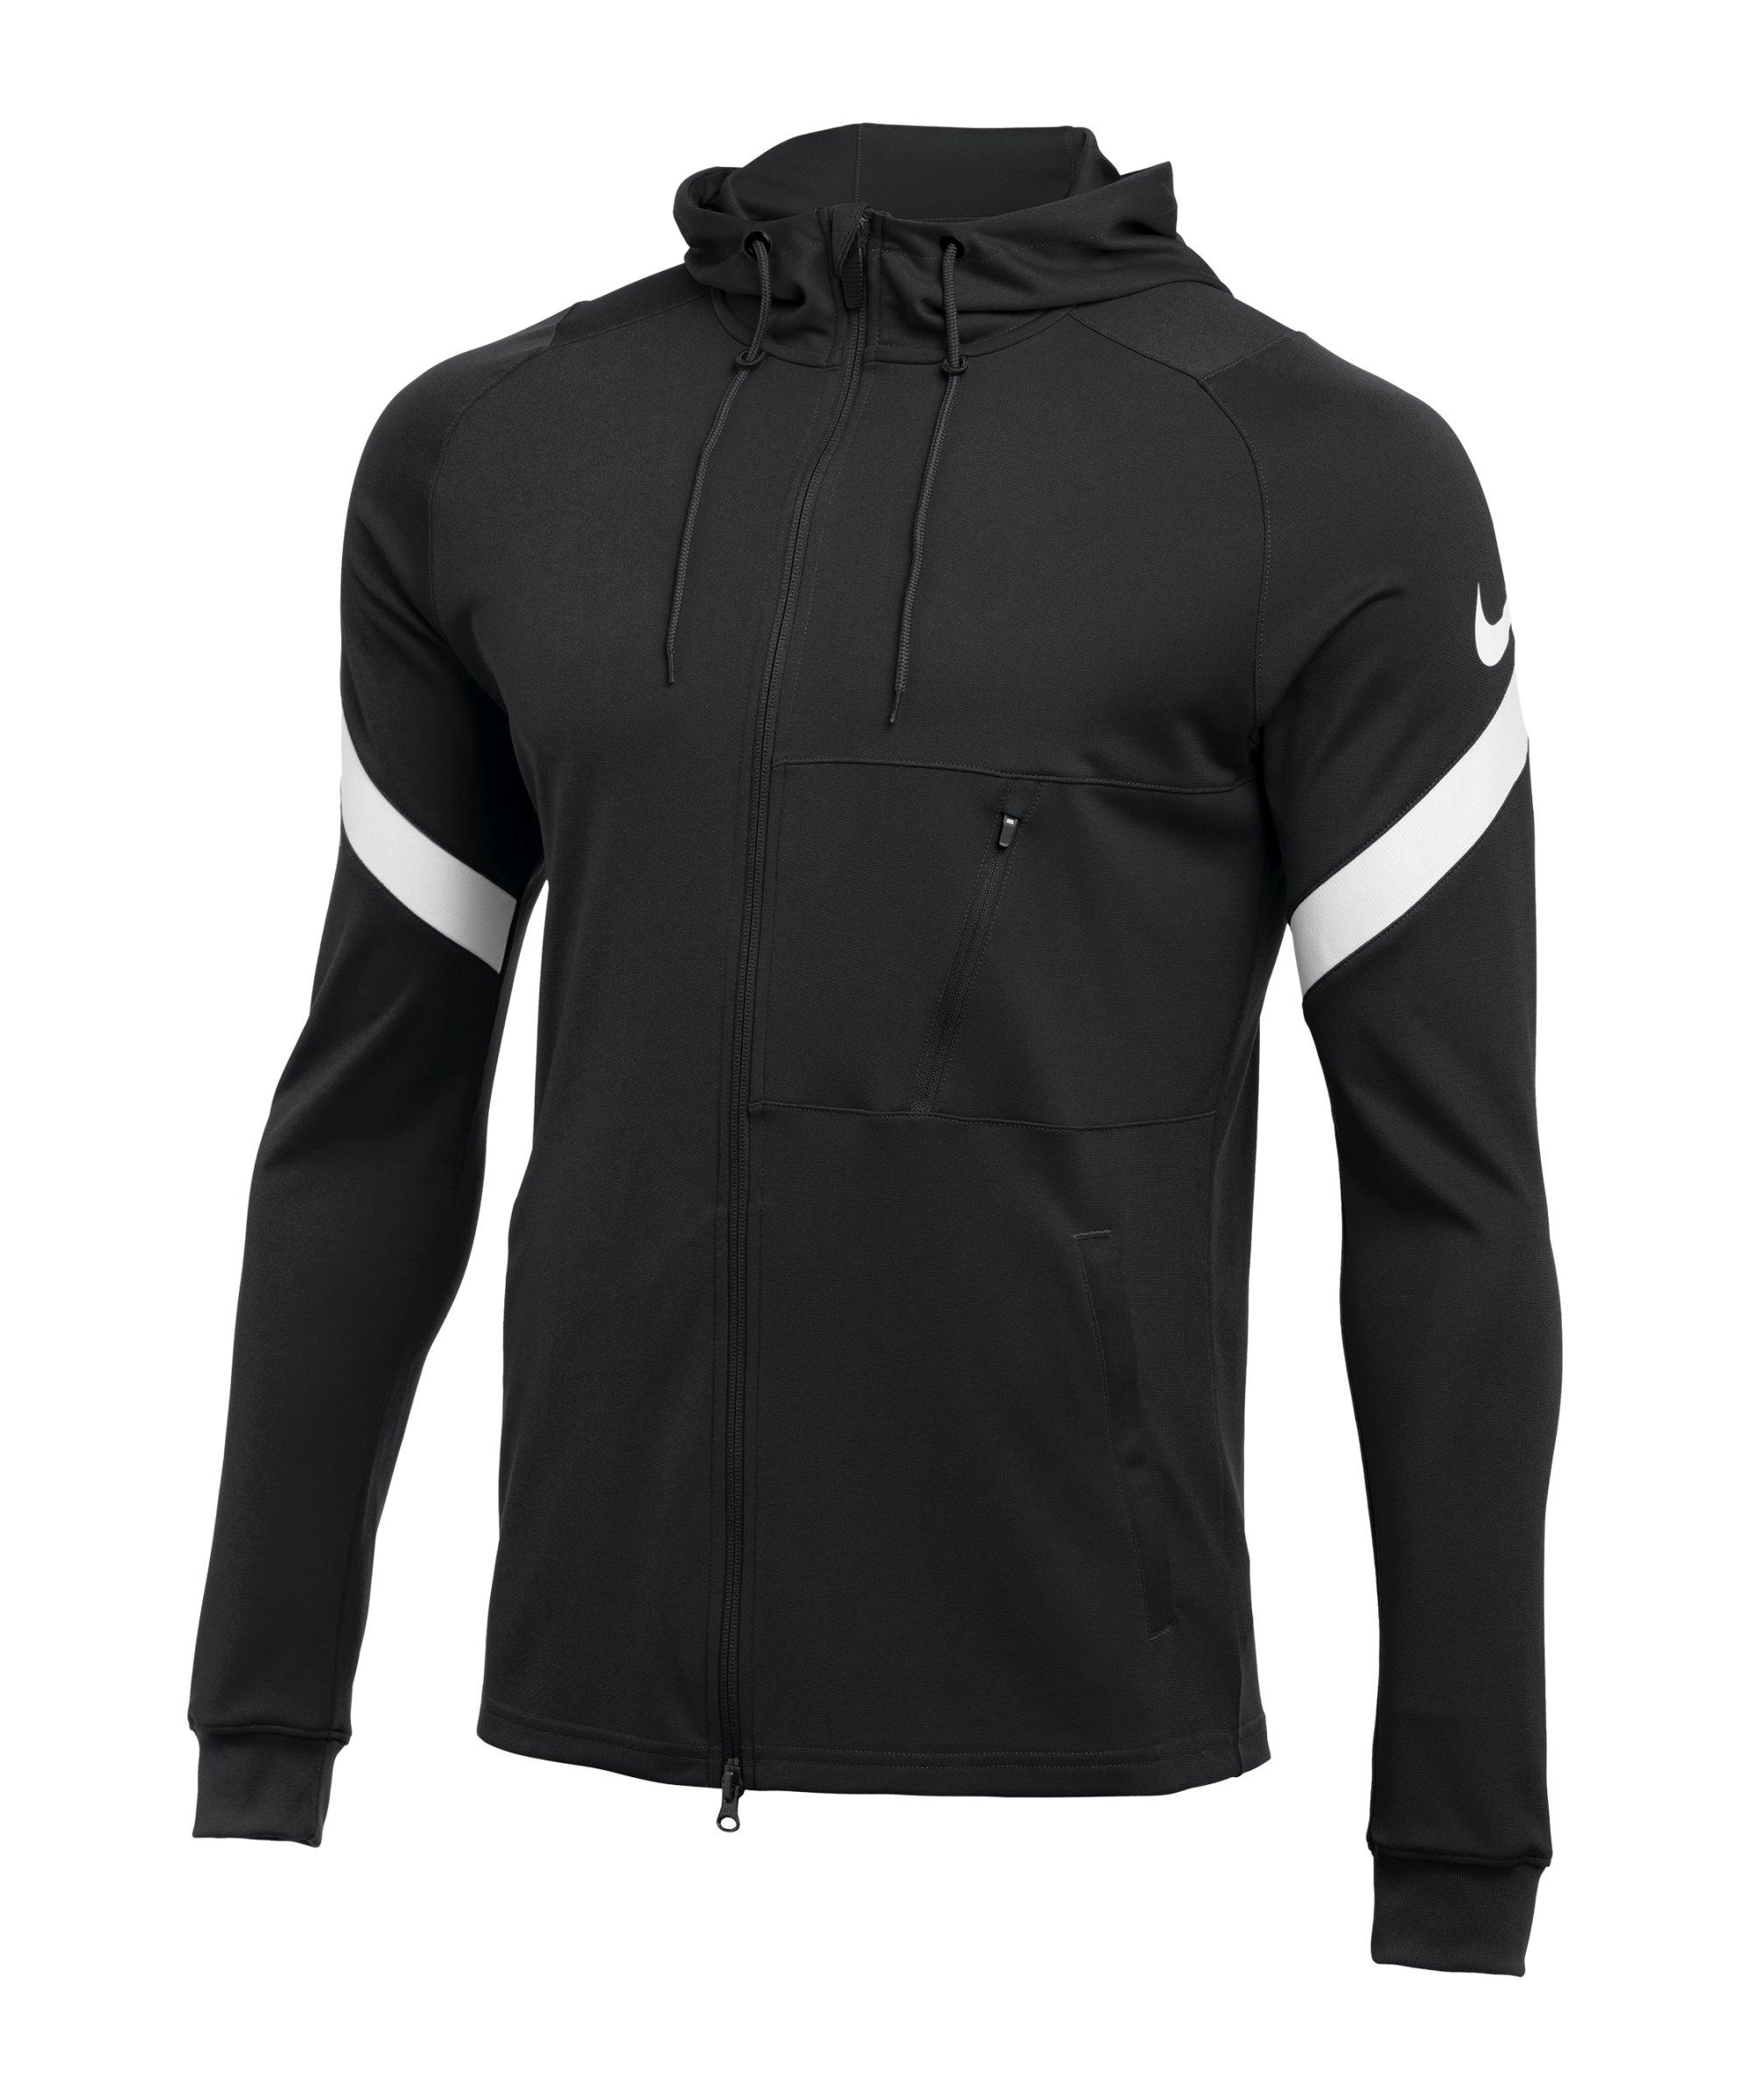 Nike Strike 21 Kapuzenjacke Schwarz Weiss F010 - schwarz